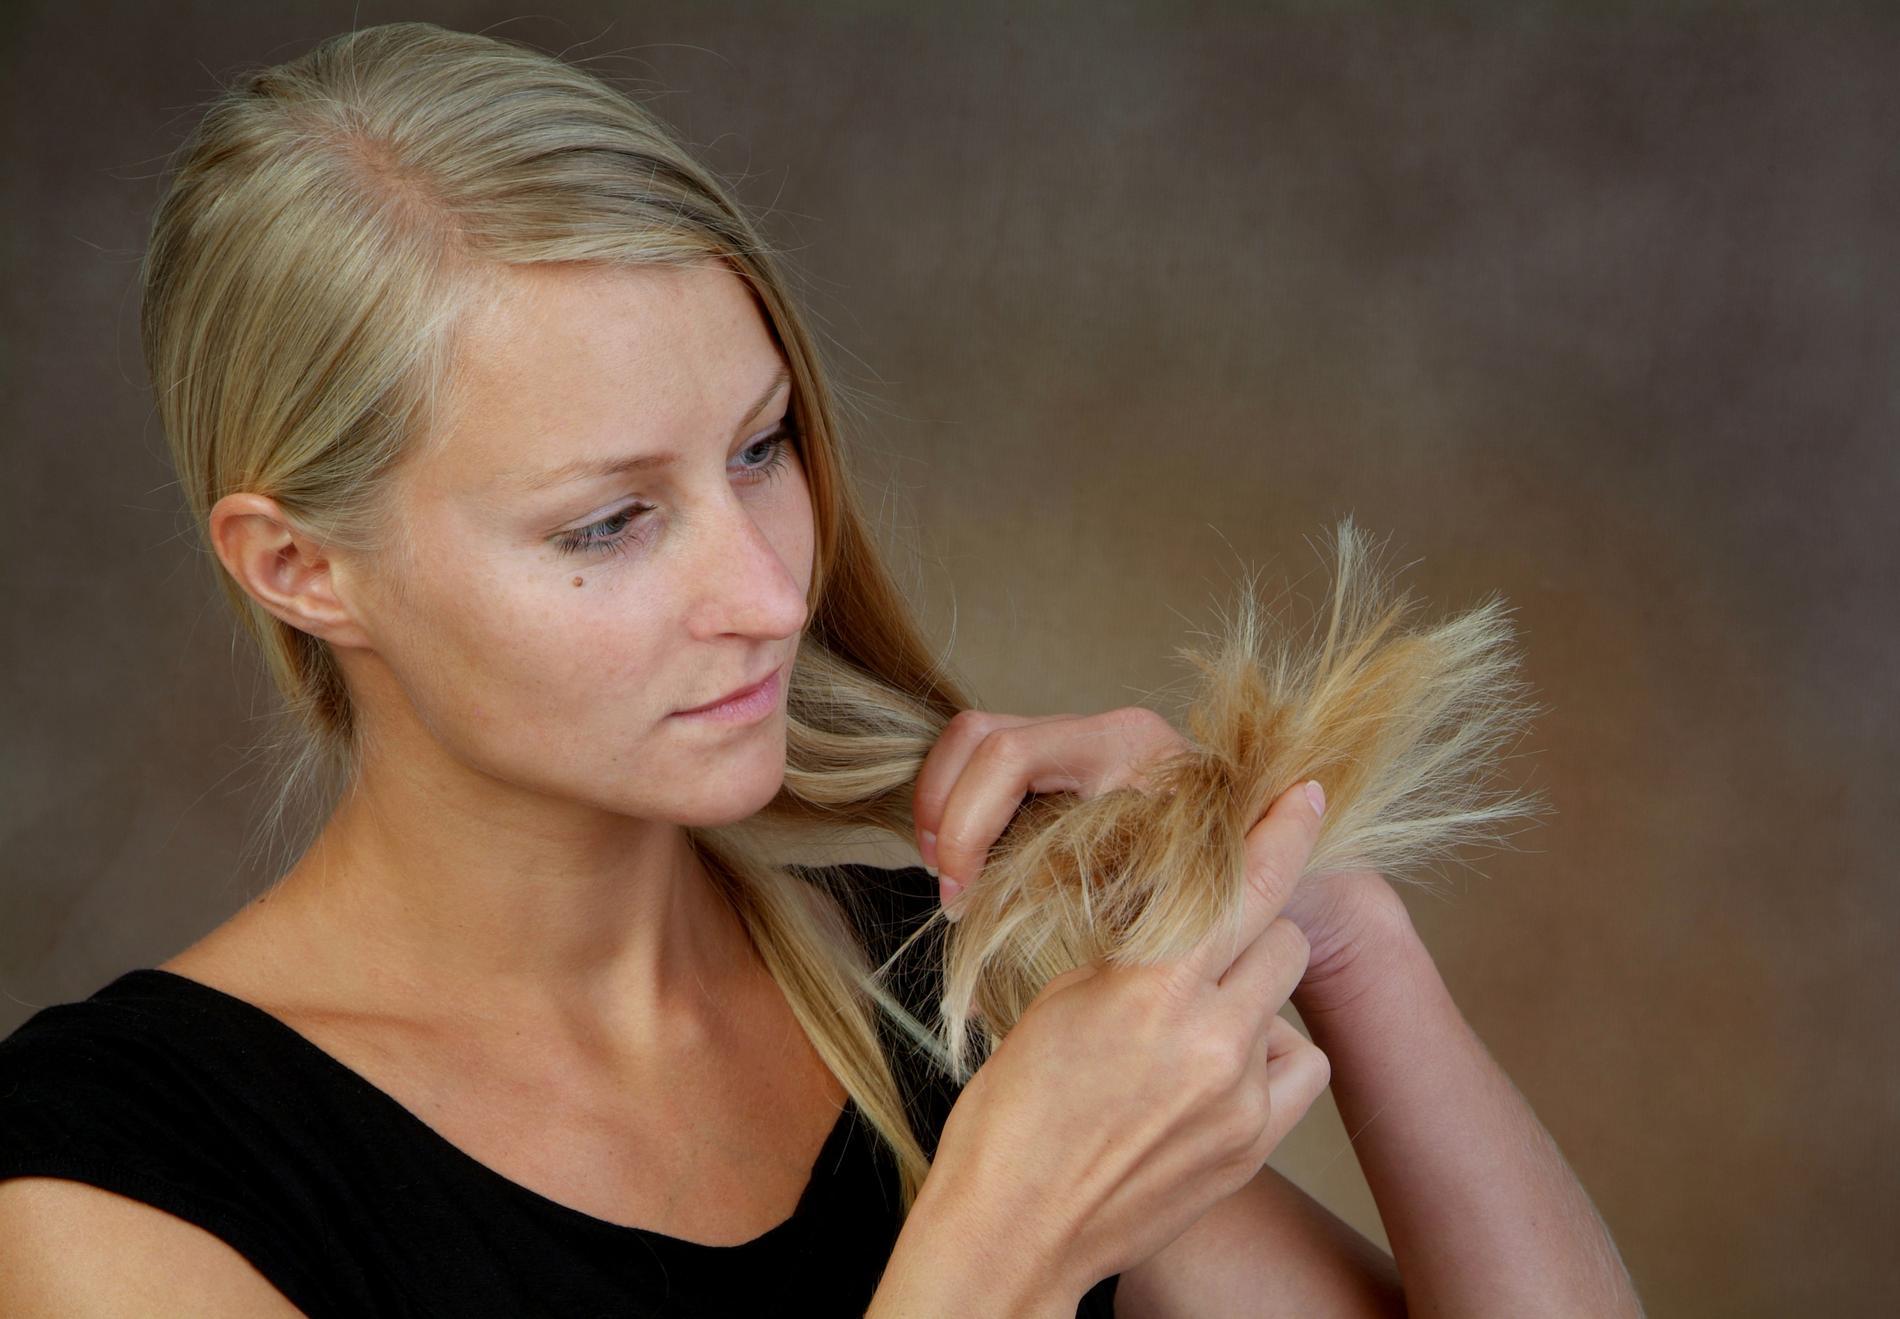 Perte de cheveux et calvitie chez la femme